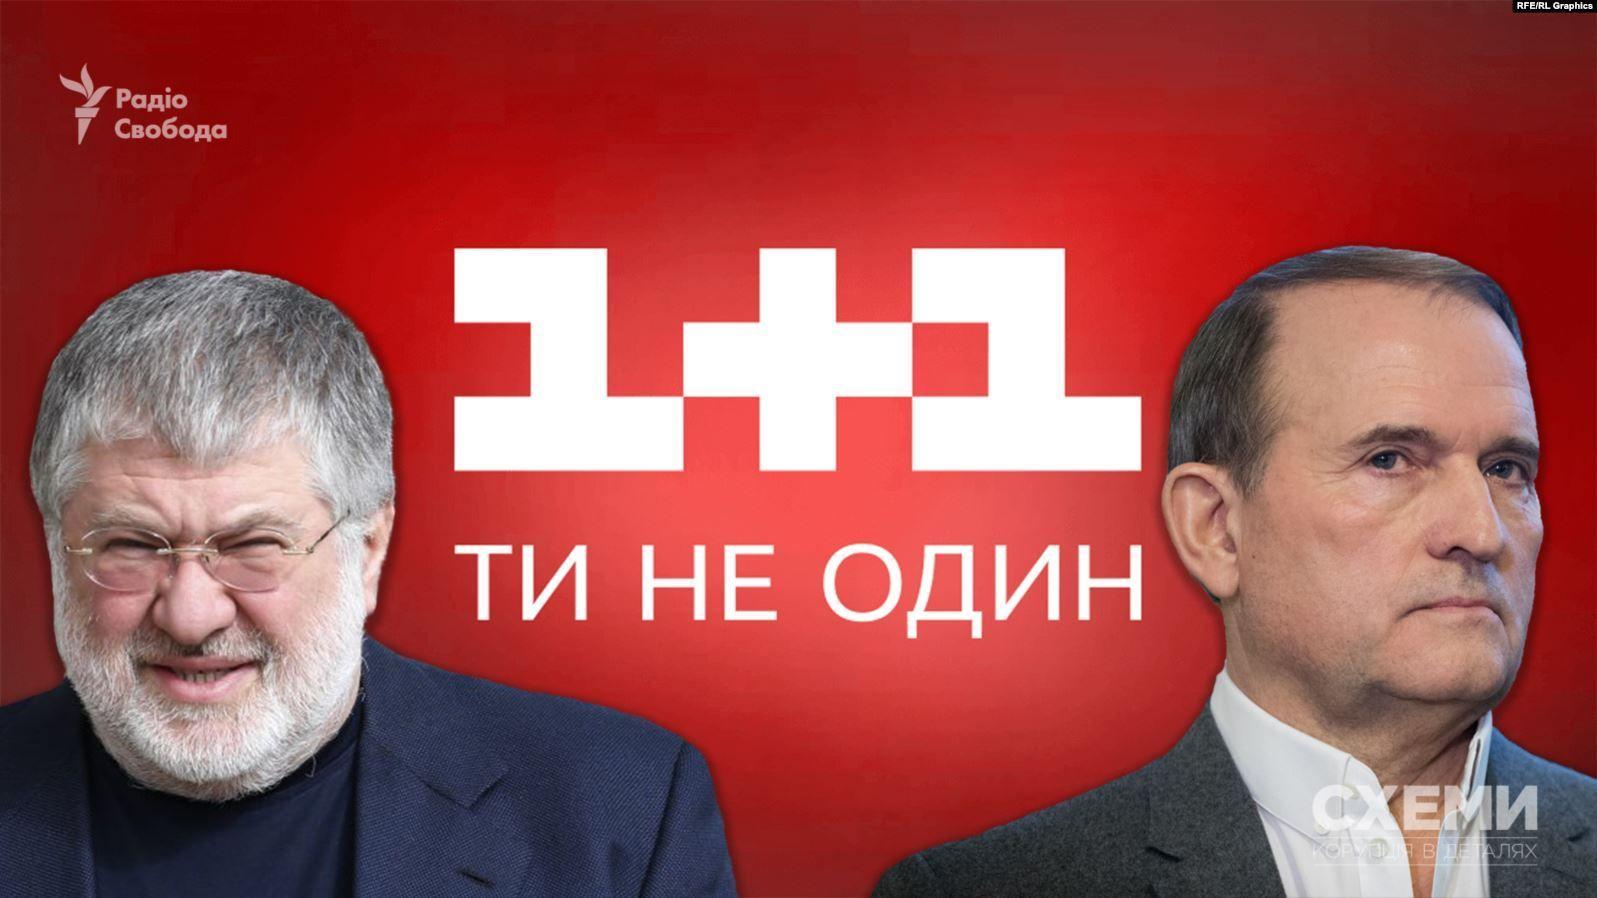 Оксана Марченко володіє 8,22% акцій телеканалу «1+1» і 8,17% акцій телеканалу ТЕТ - адвокат